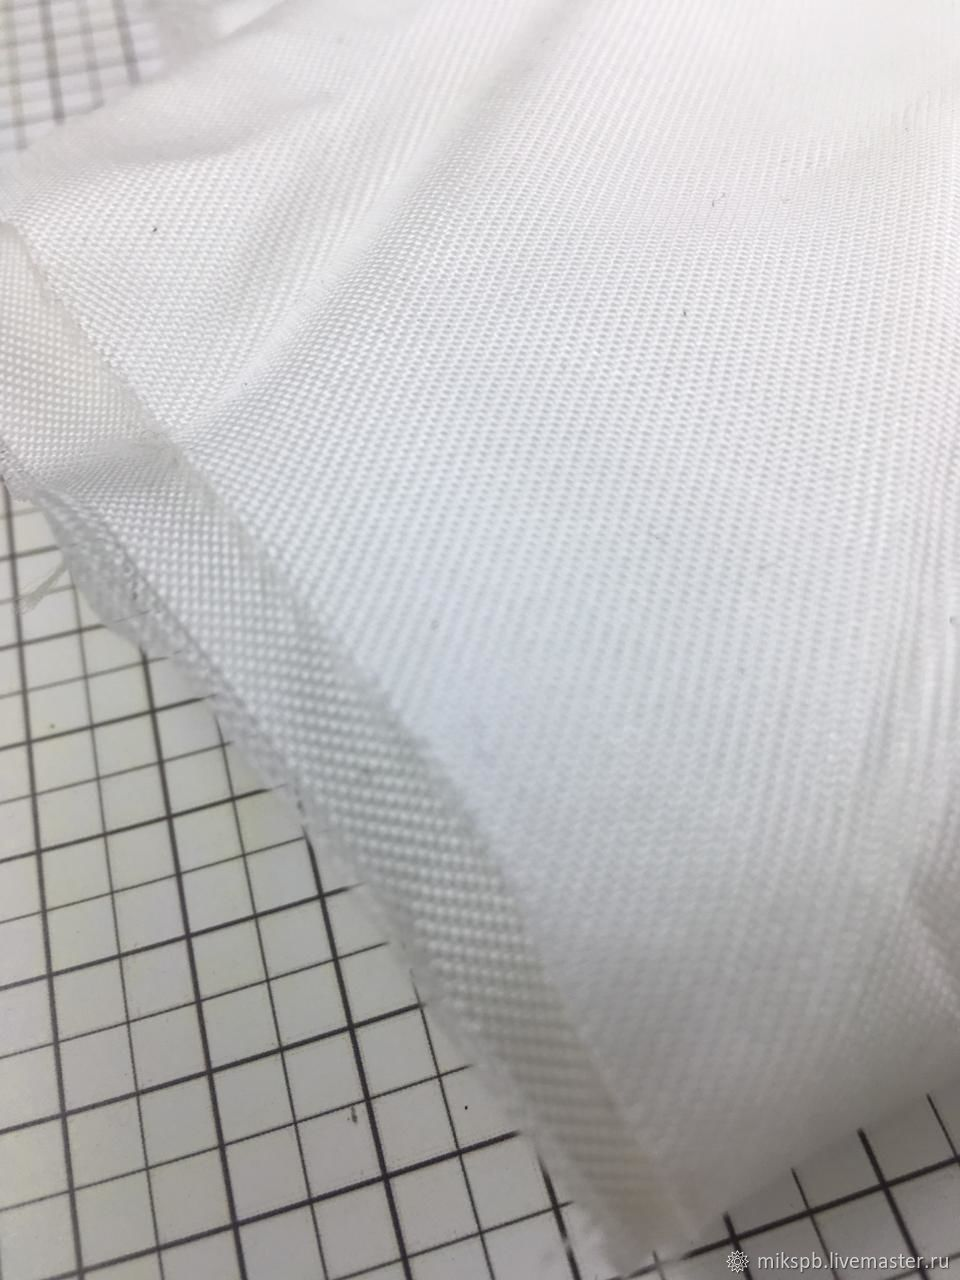 Ткань капрон купить где в иваново купить брезентовую ткань